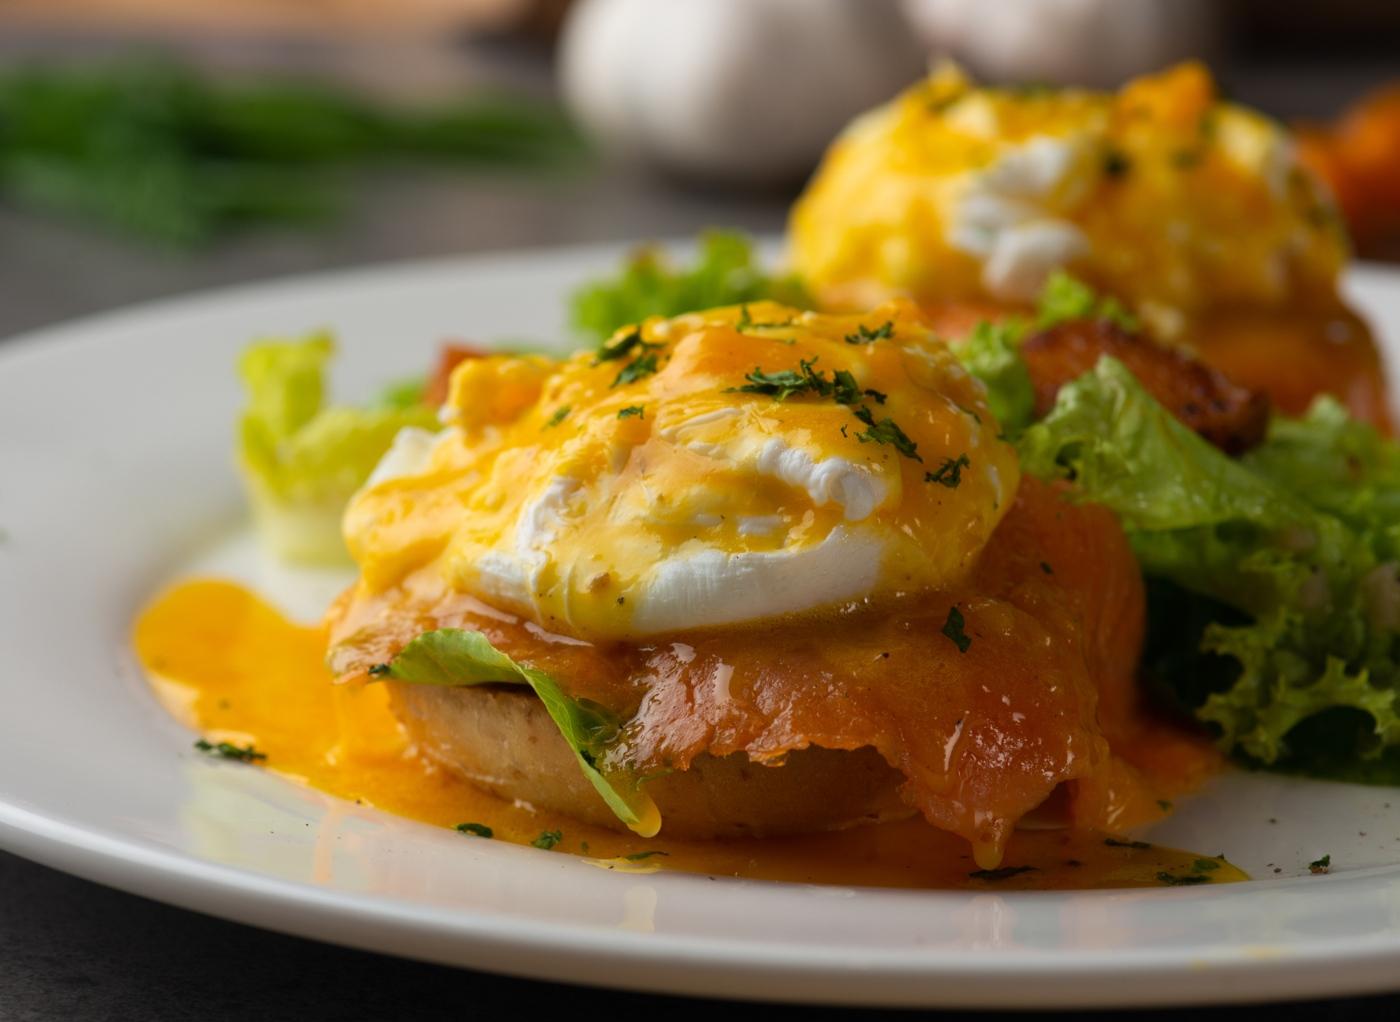 Formas de comer ovo cozido: ovos benedict